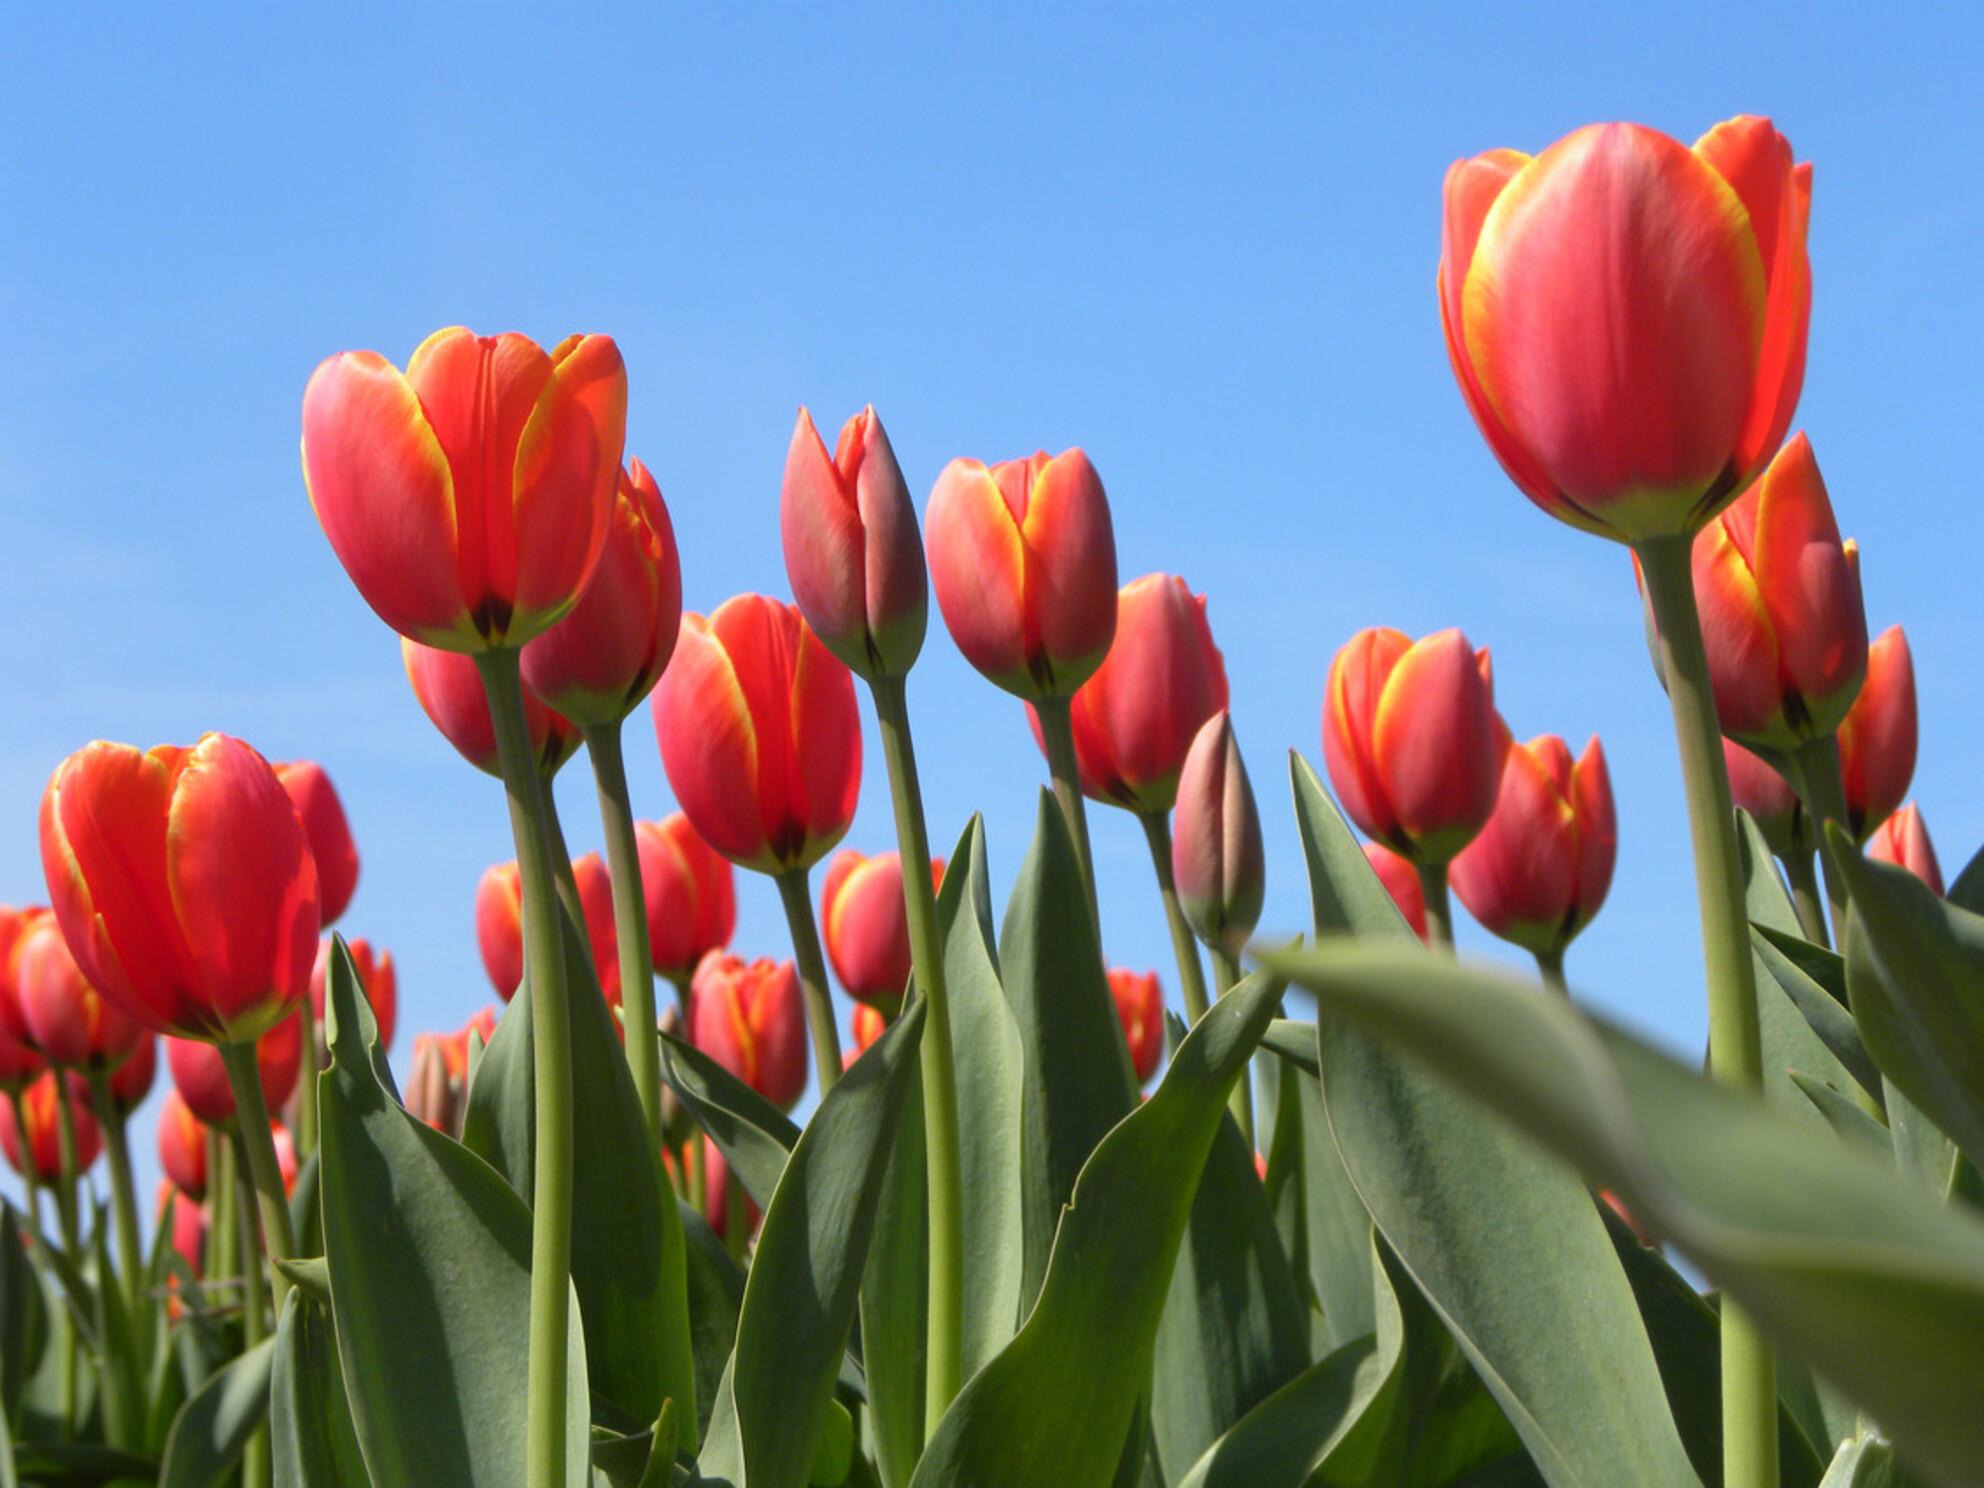 Tulpen - Tulpen Noord holland - foto door regina1981 op 25-01-2012 - deze foto bevat: tulpen